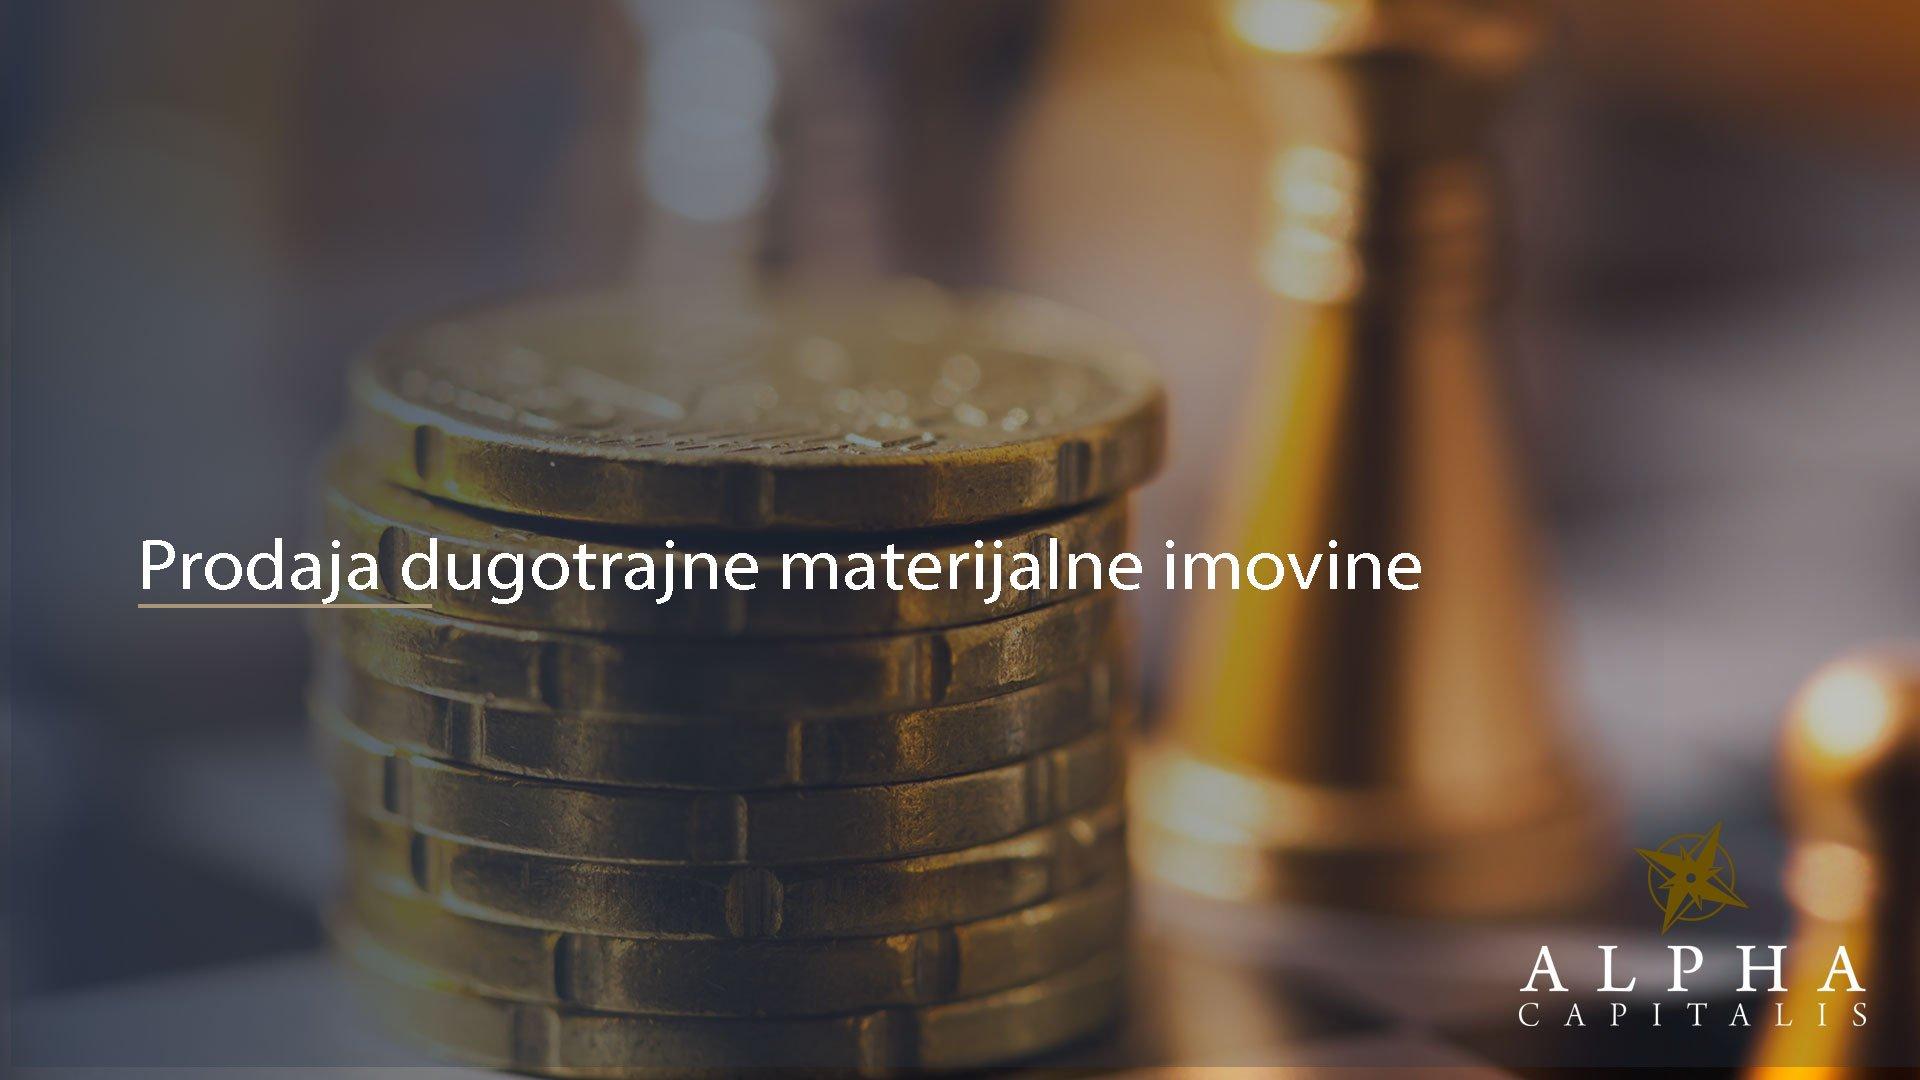 blog-prodaja-dugotrajne-materijalne-imovine